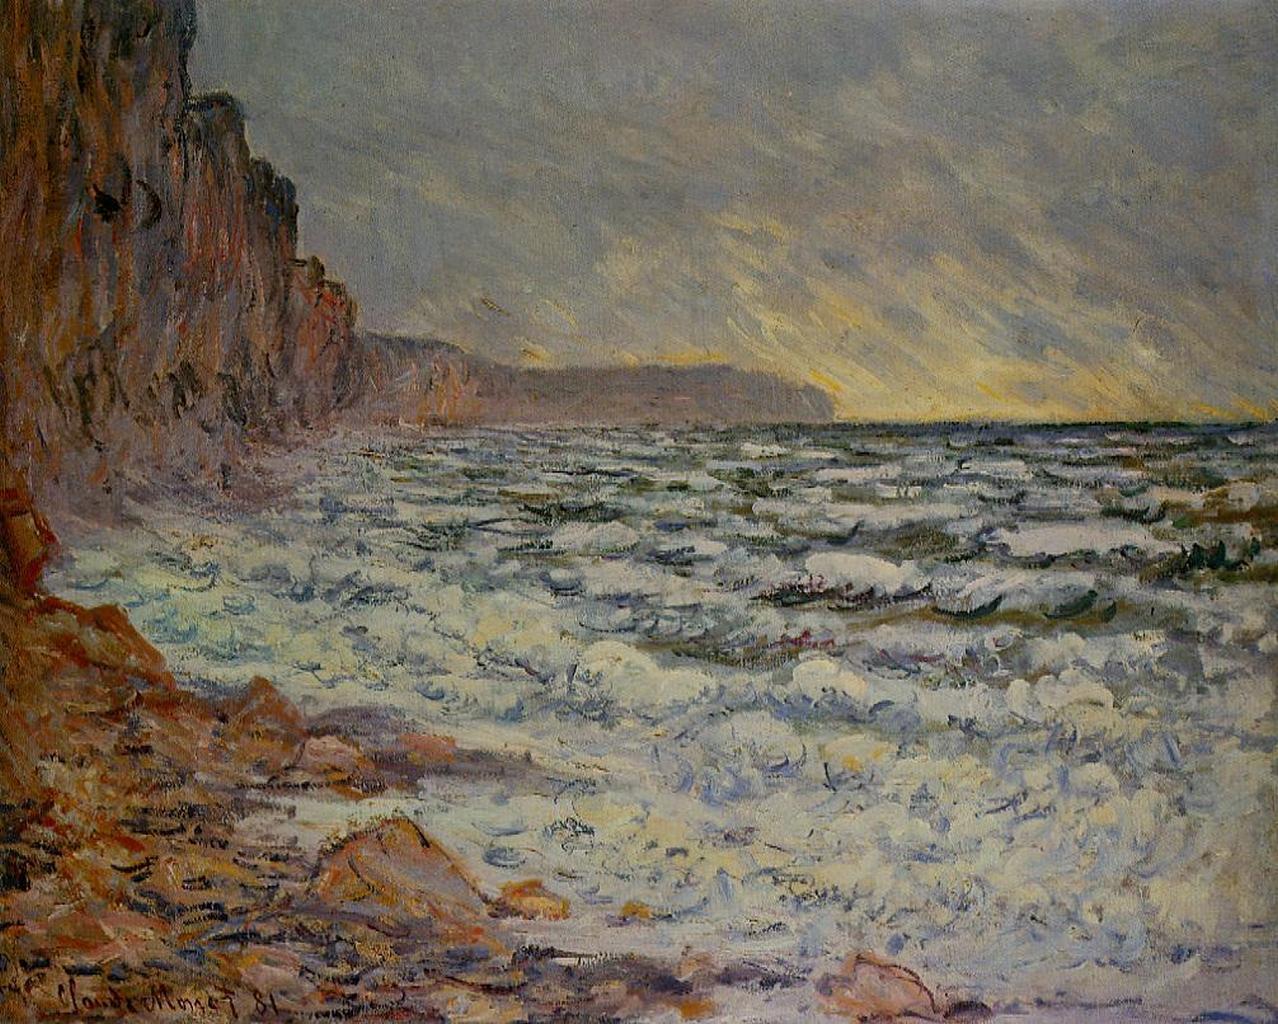 скалы и море < Фекам, побережье моря >:: Клод Моне, описание картины - Claude Monet фото